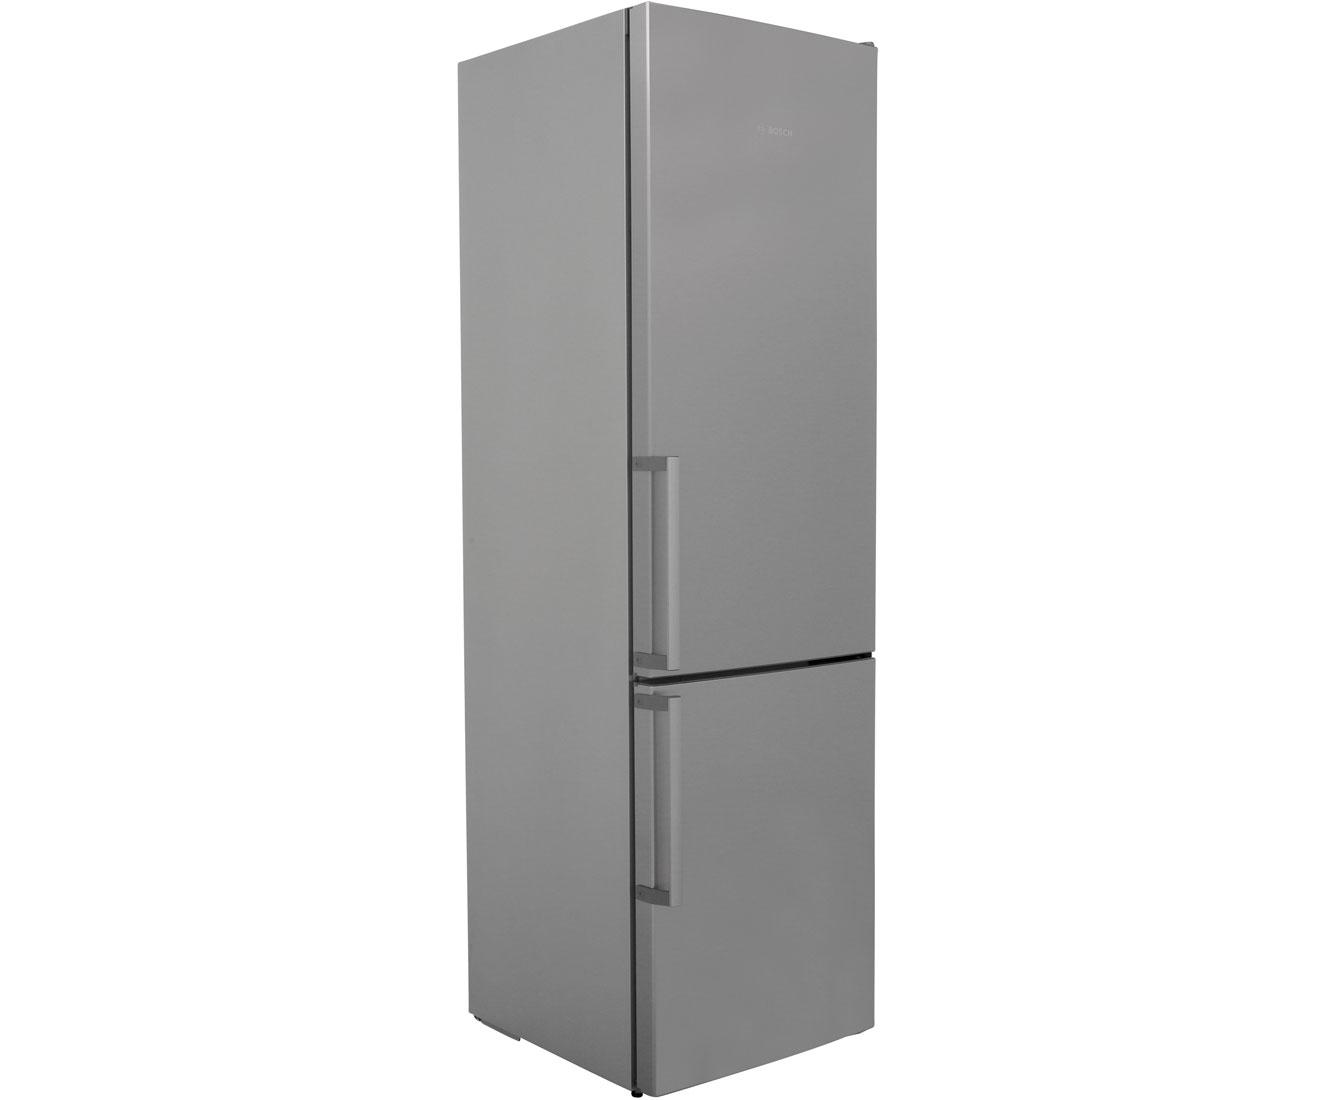 Bosch Kühlschrank 60er Jahre : Bosch serie kge ai kühl gefrierkombination er breite